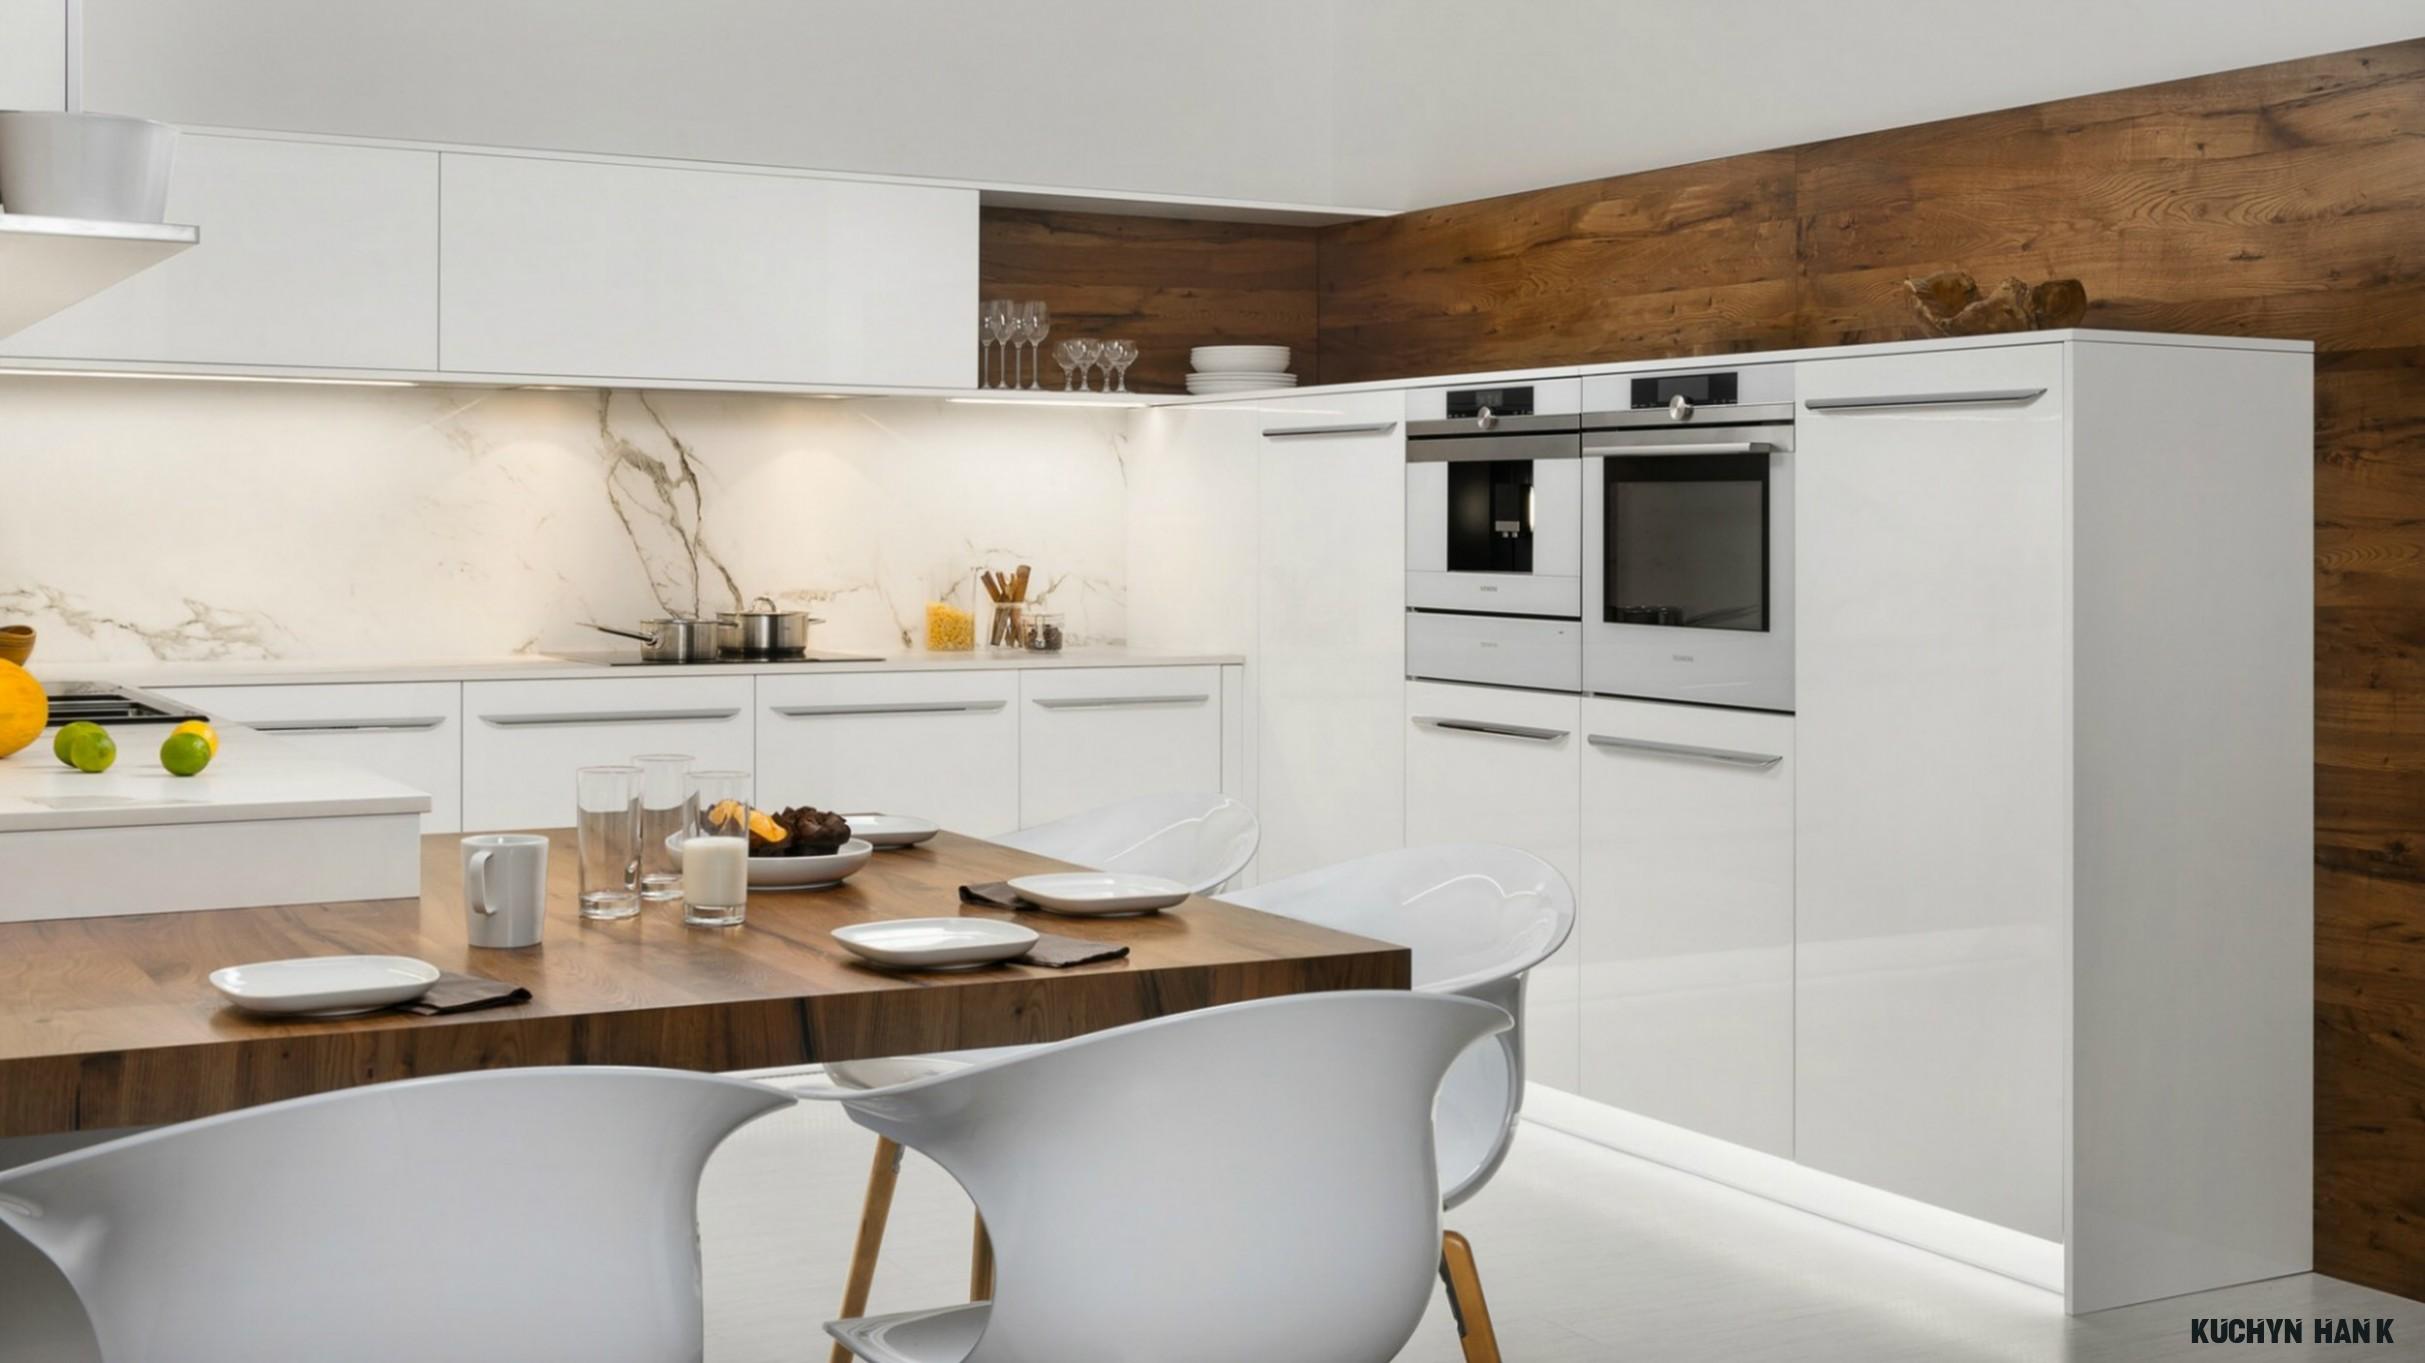 20 Podivuhodný Inspirace pro Kuchyně Hanák